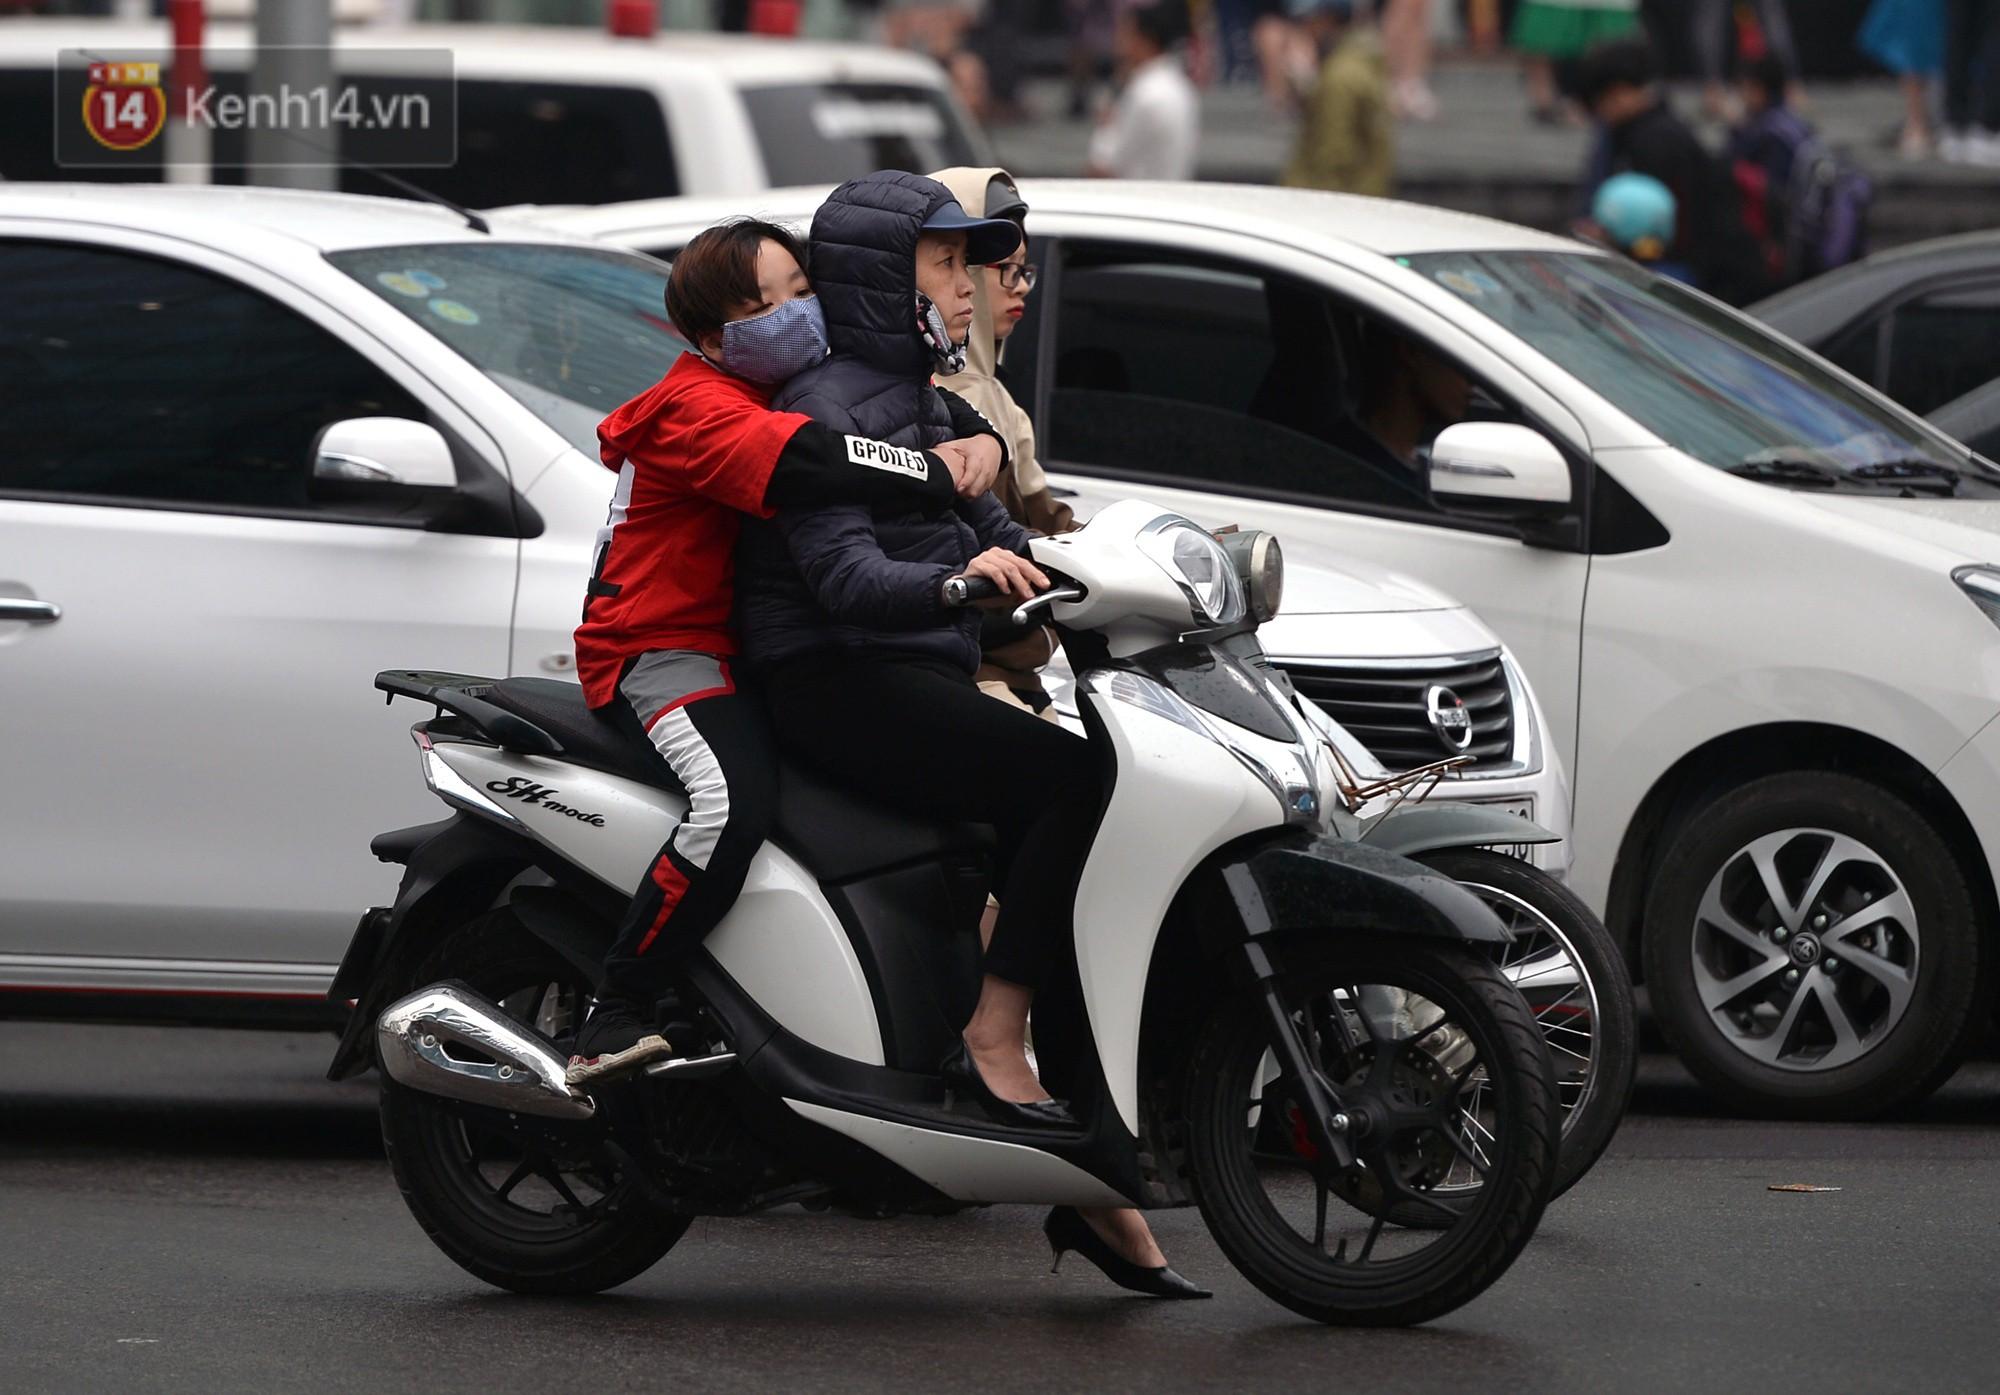 Chùm ảnh: Hà Nội giảm nhiệt độ, người mặc áo khoác dày, người quần đùi áo cộc xuống phố - Ảnh 3.